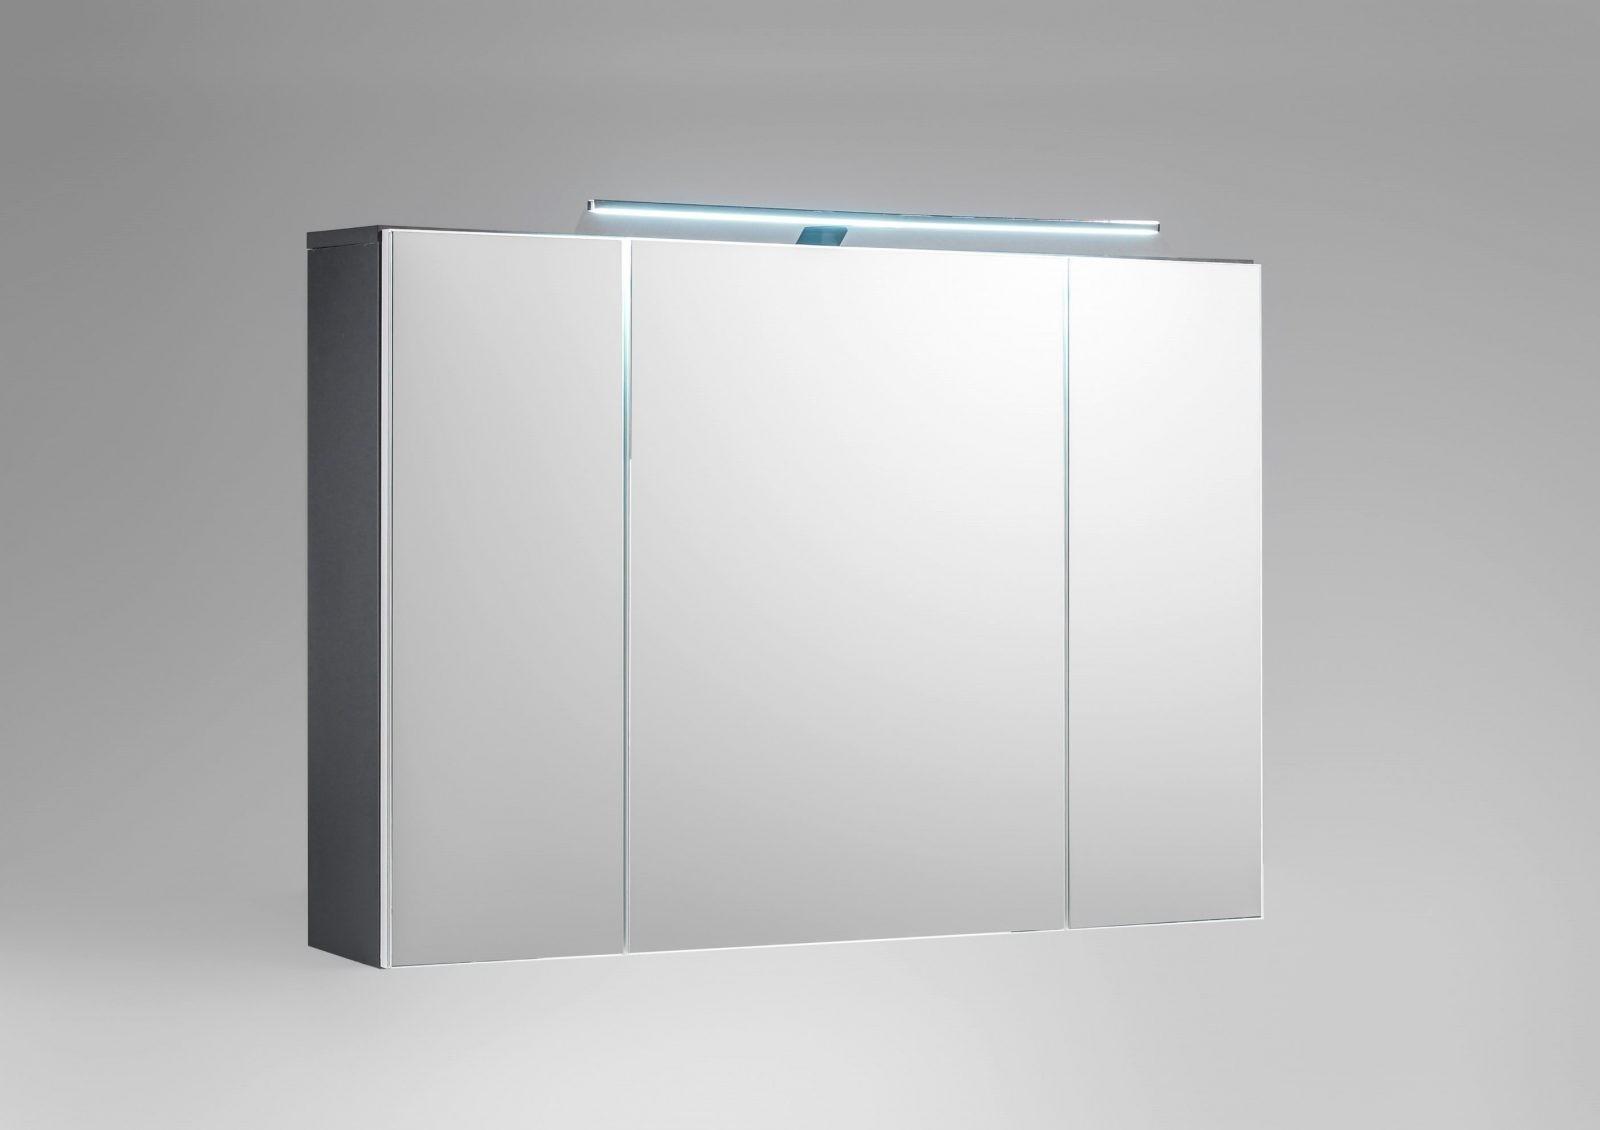 Badspiegelschrank Inkl Led Beleuchtung Manhattan Von Bega Weiss Hg von Spiegelschränke Mit Led Beleuchtung Bild